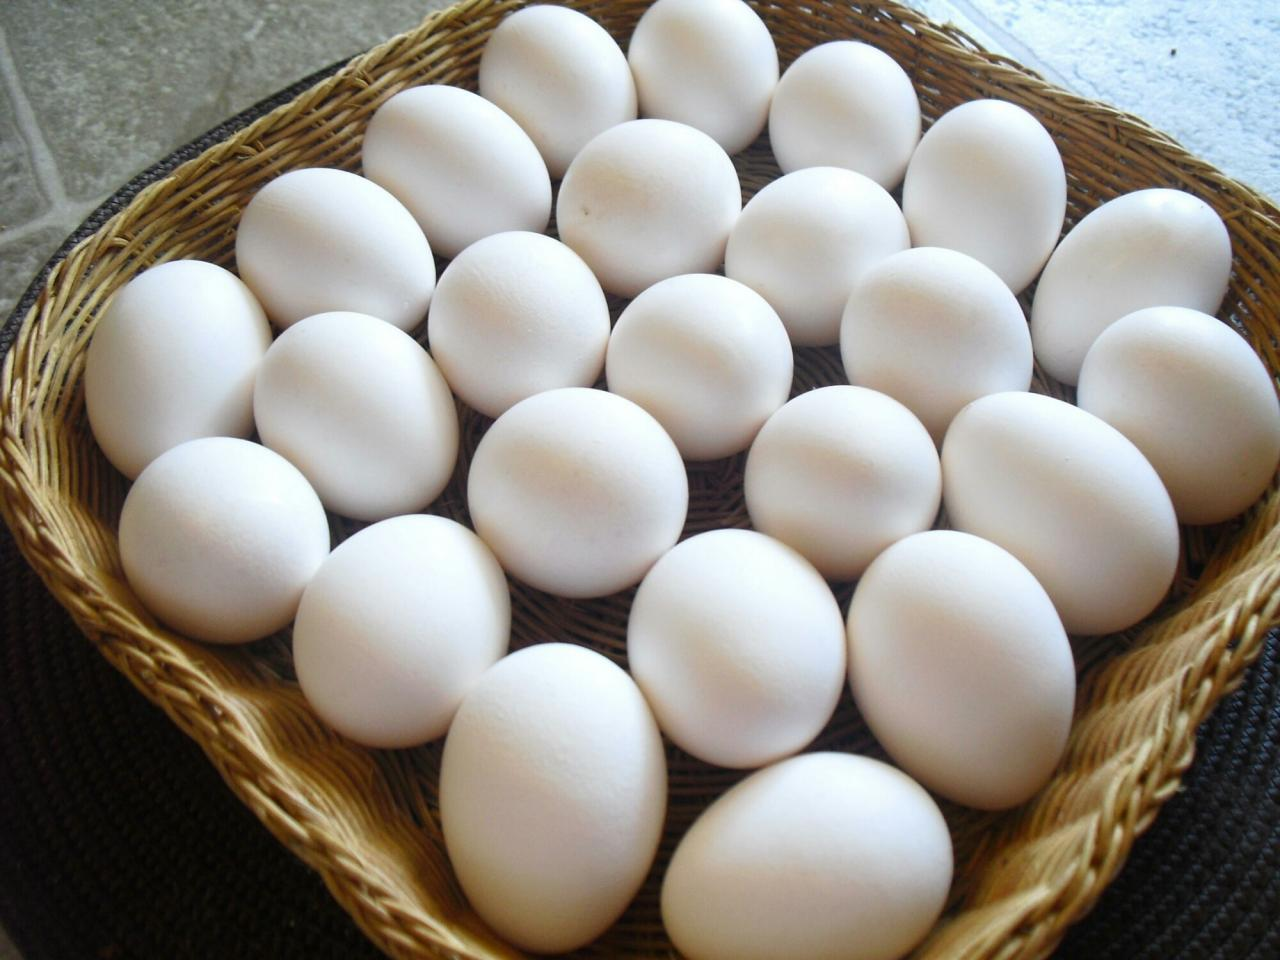 صورة ماهذة الرؤية لن اسمع مثلهامن قبل   ,تفسير رؤية البيض في المنام للمتزوجة